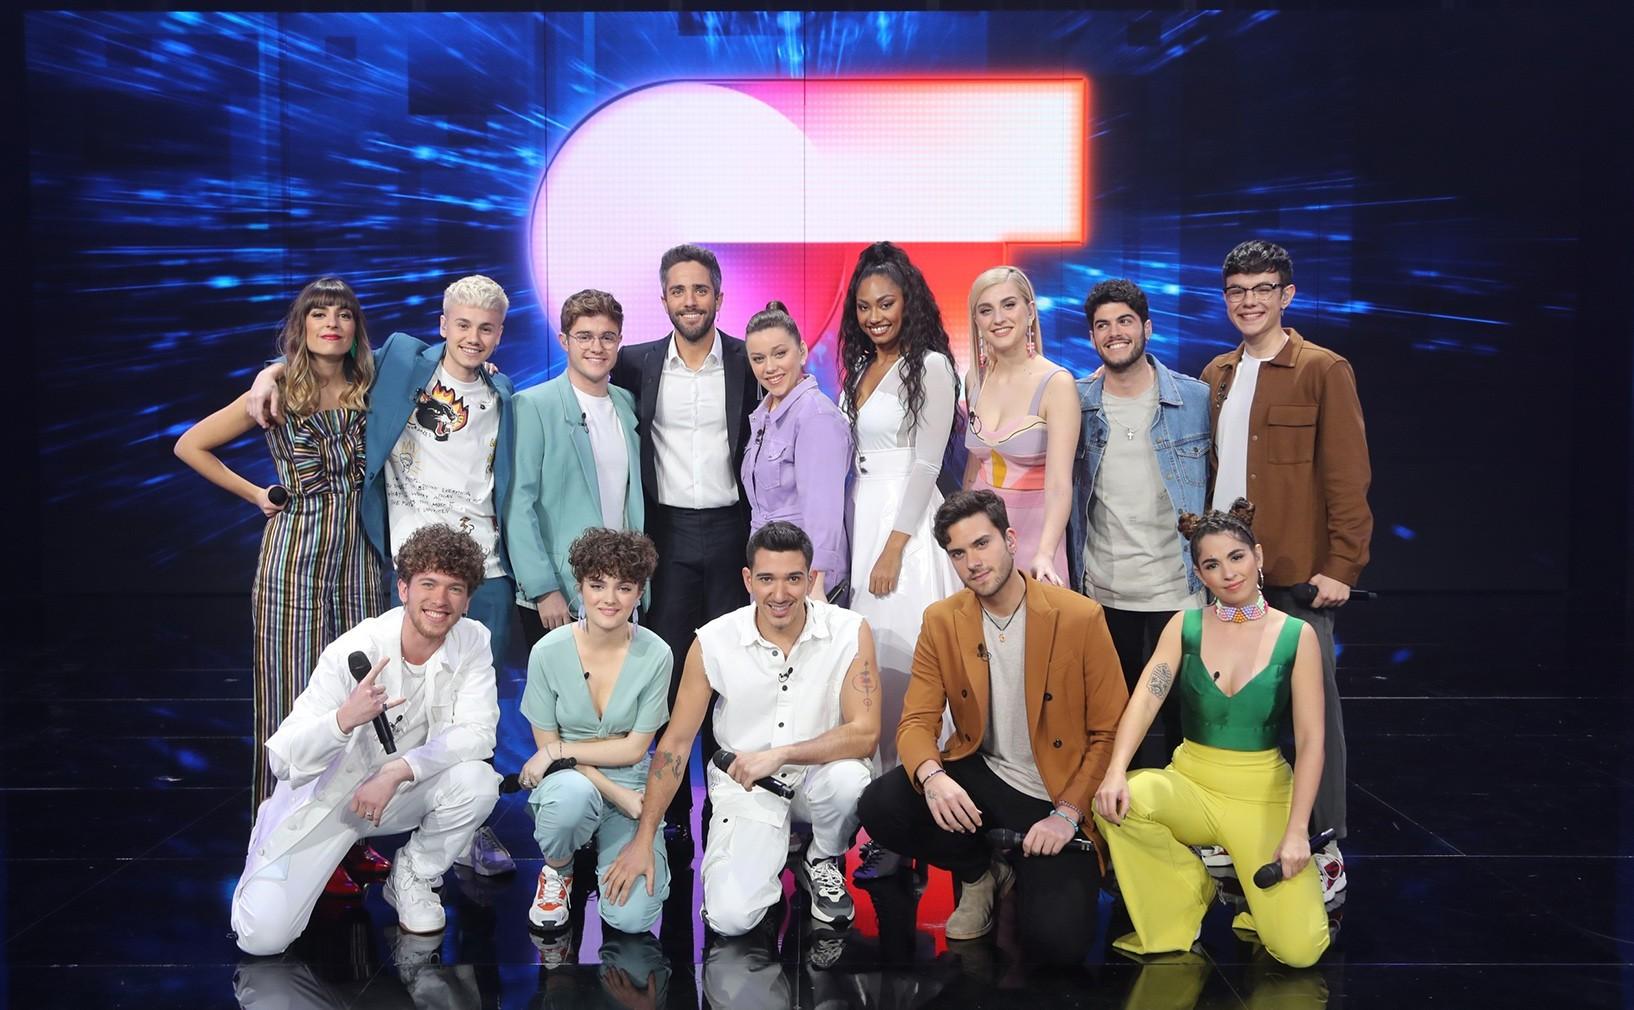 gala 6 ot 2020 concursantes actuaciones nominados academia mejores momentos semana flavio anne bruno